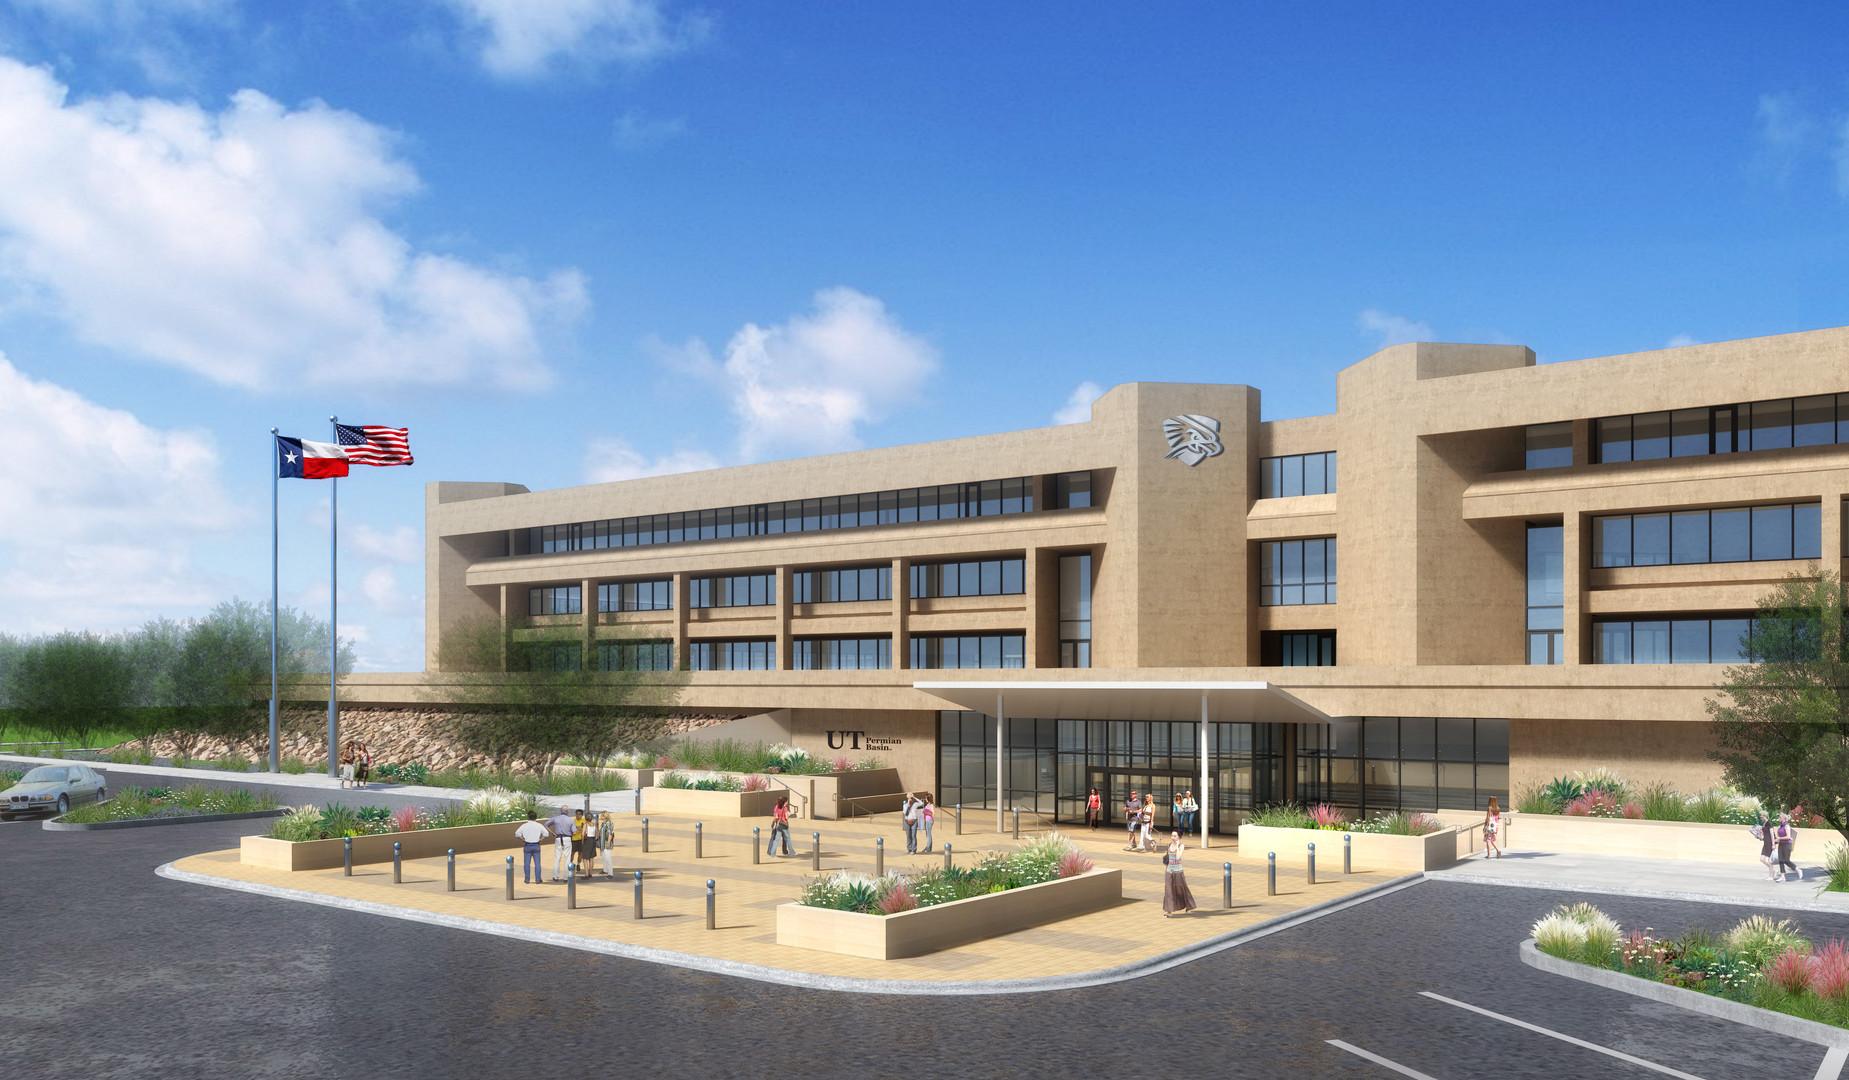 UTPB Future Mesa Building Entry